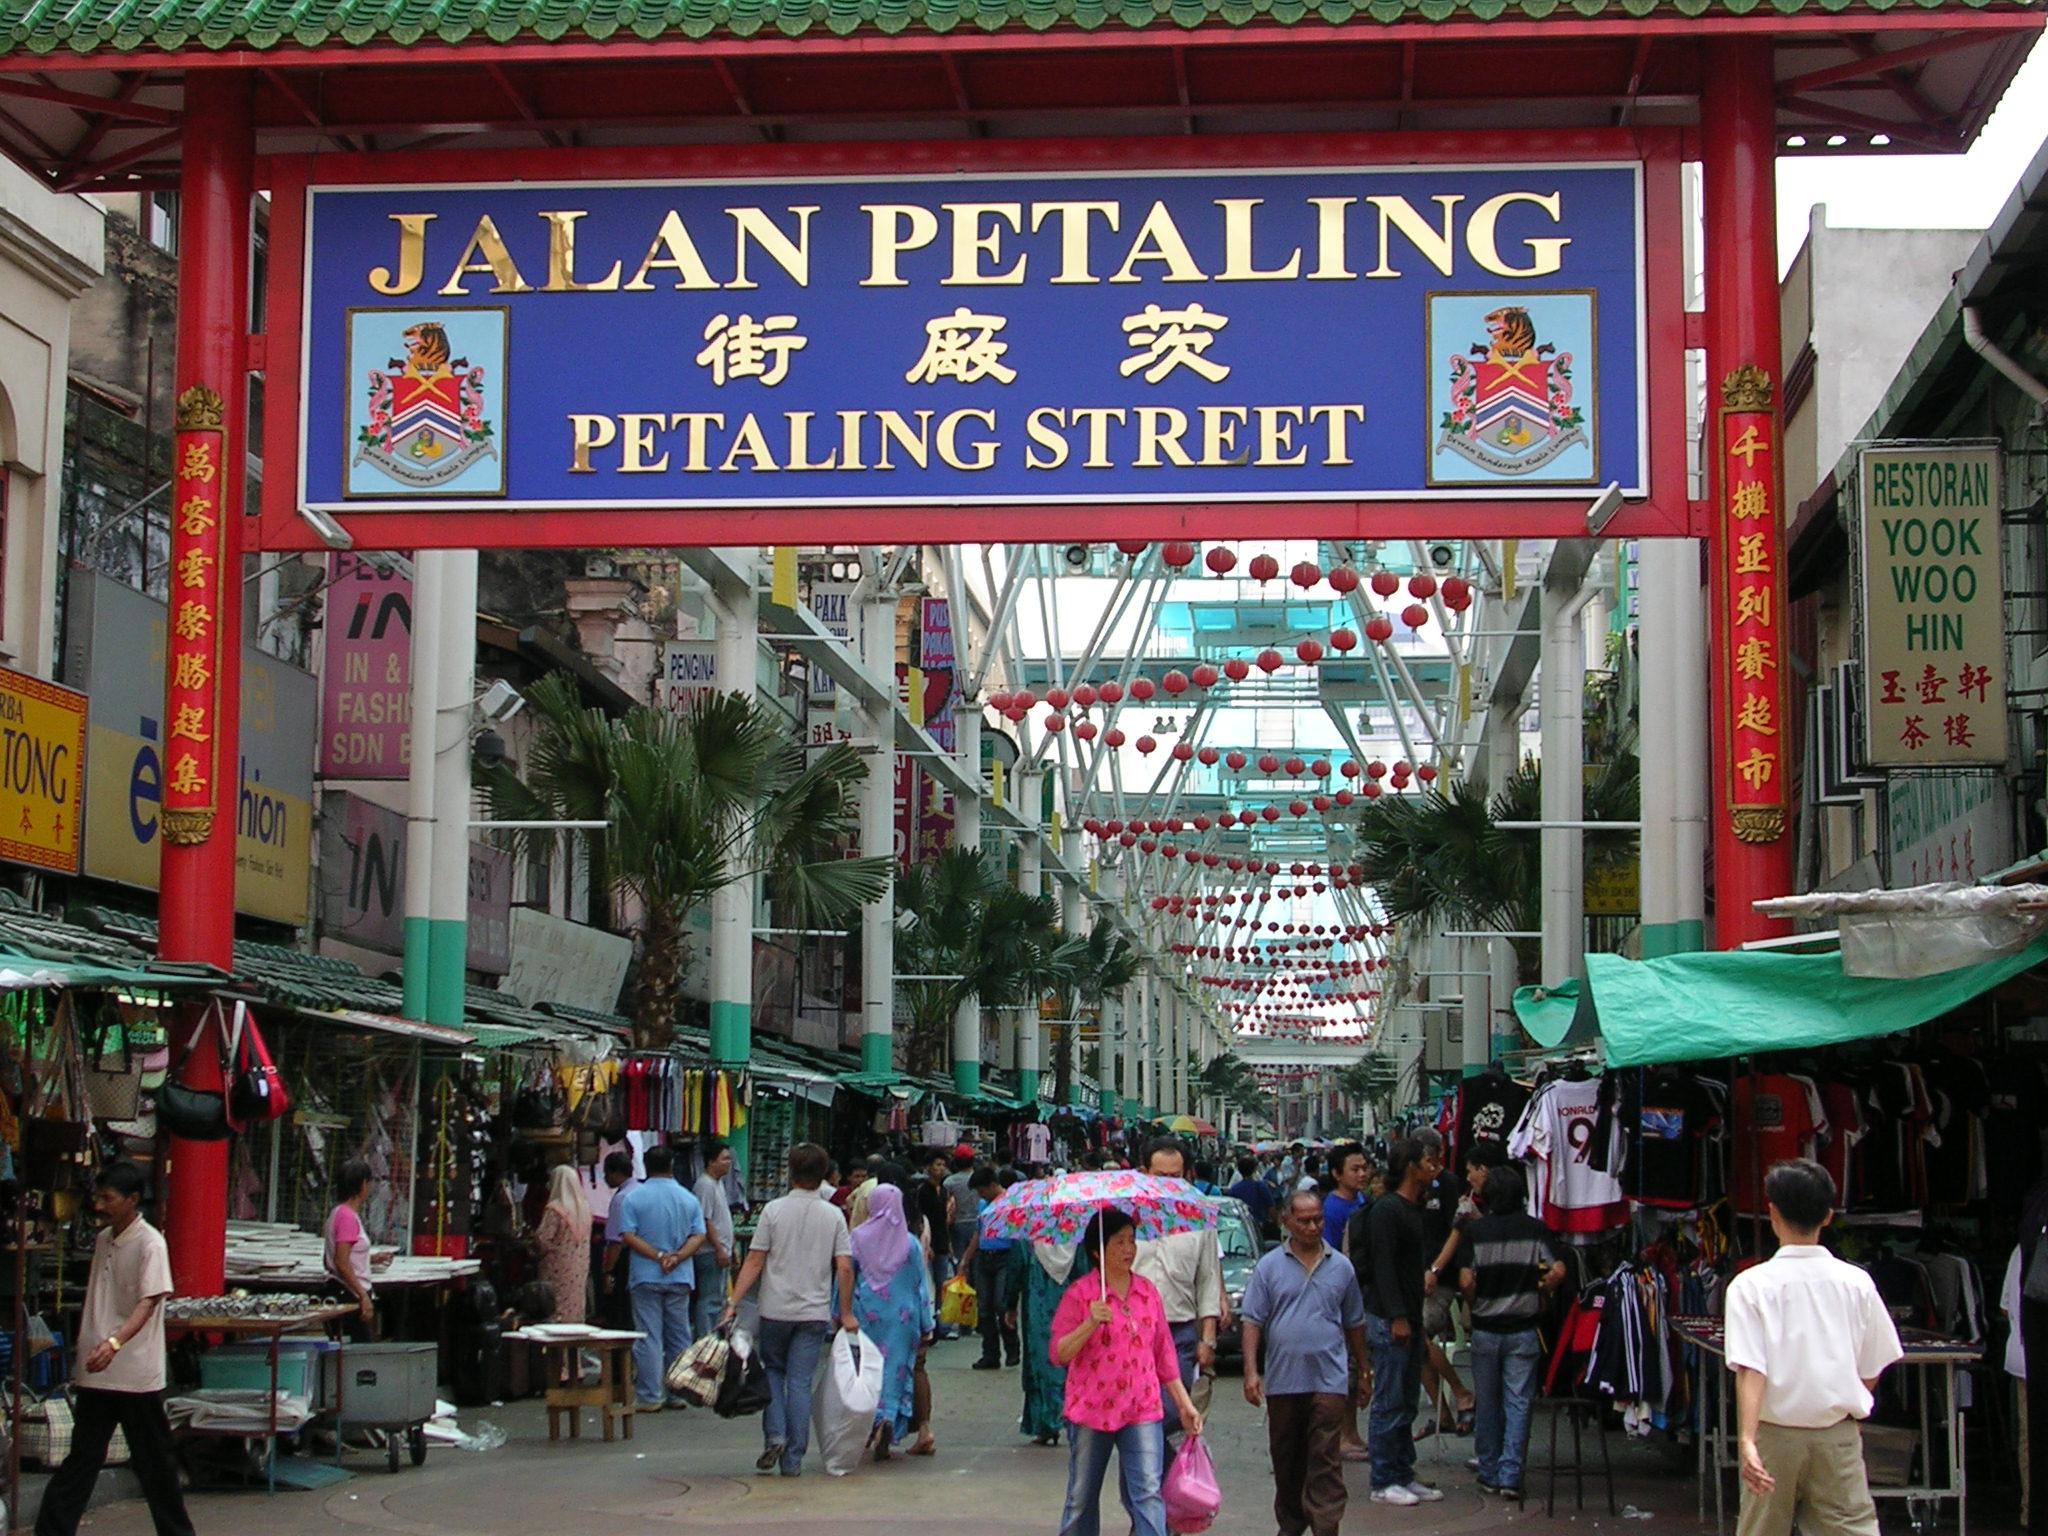 السوق الصيني في ماليزيا